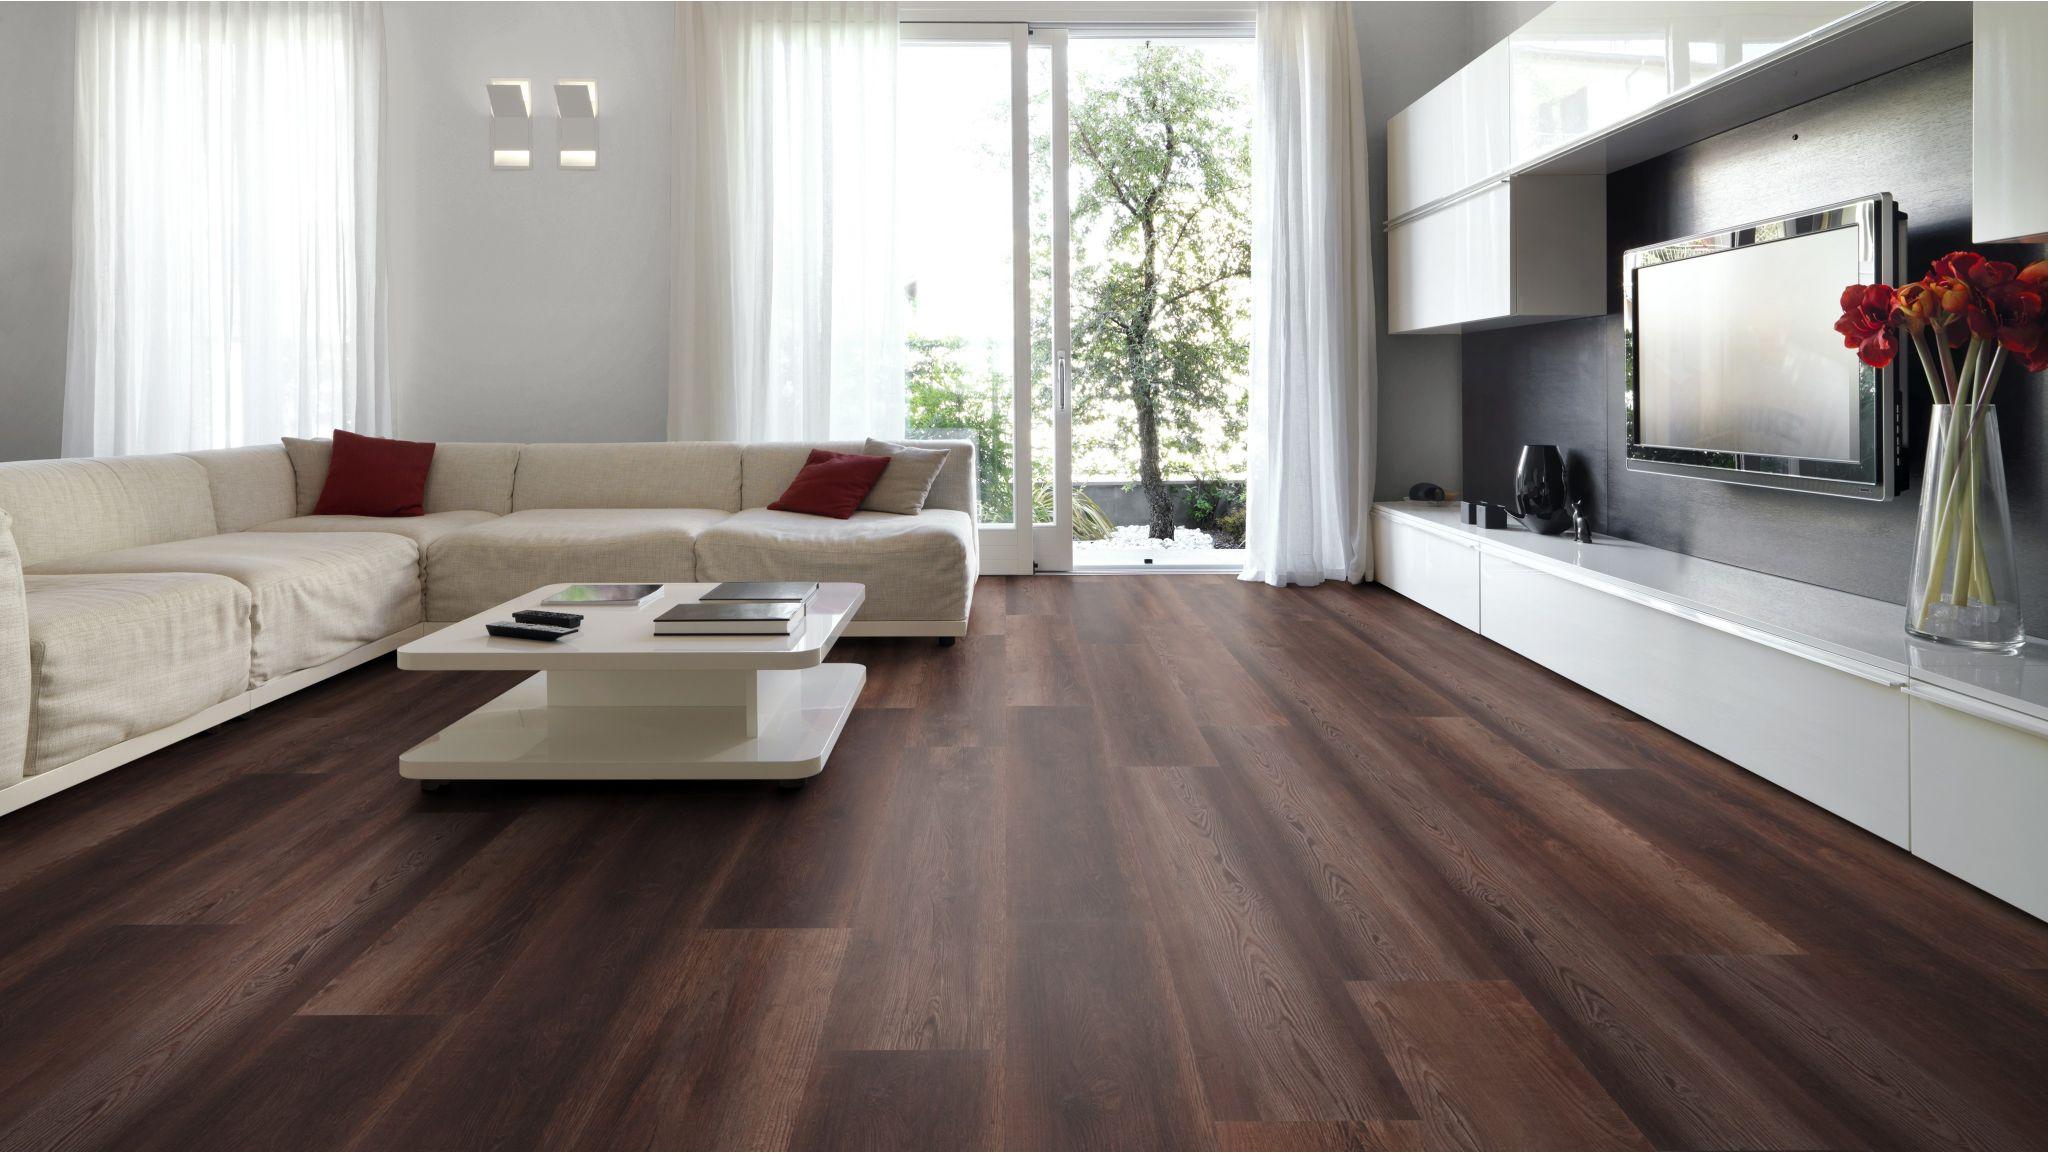 Vloer Slaapkamer Vloerverwarming : Vloer slaapkamer vloerverwarming goedkoop vloer slaapkamer